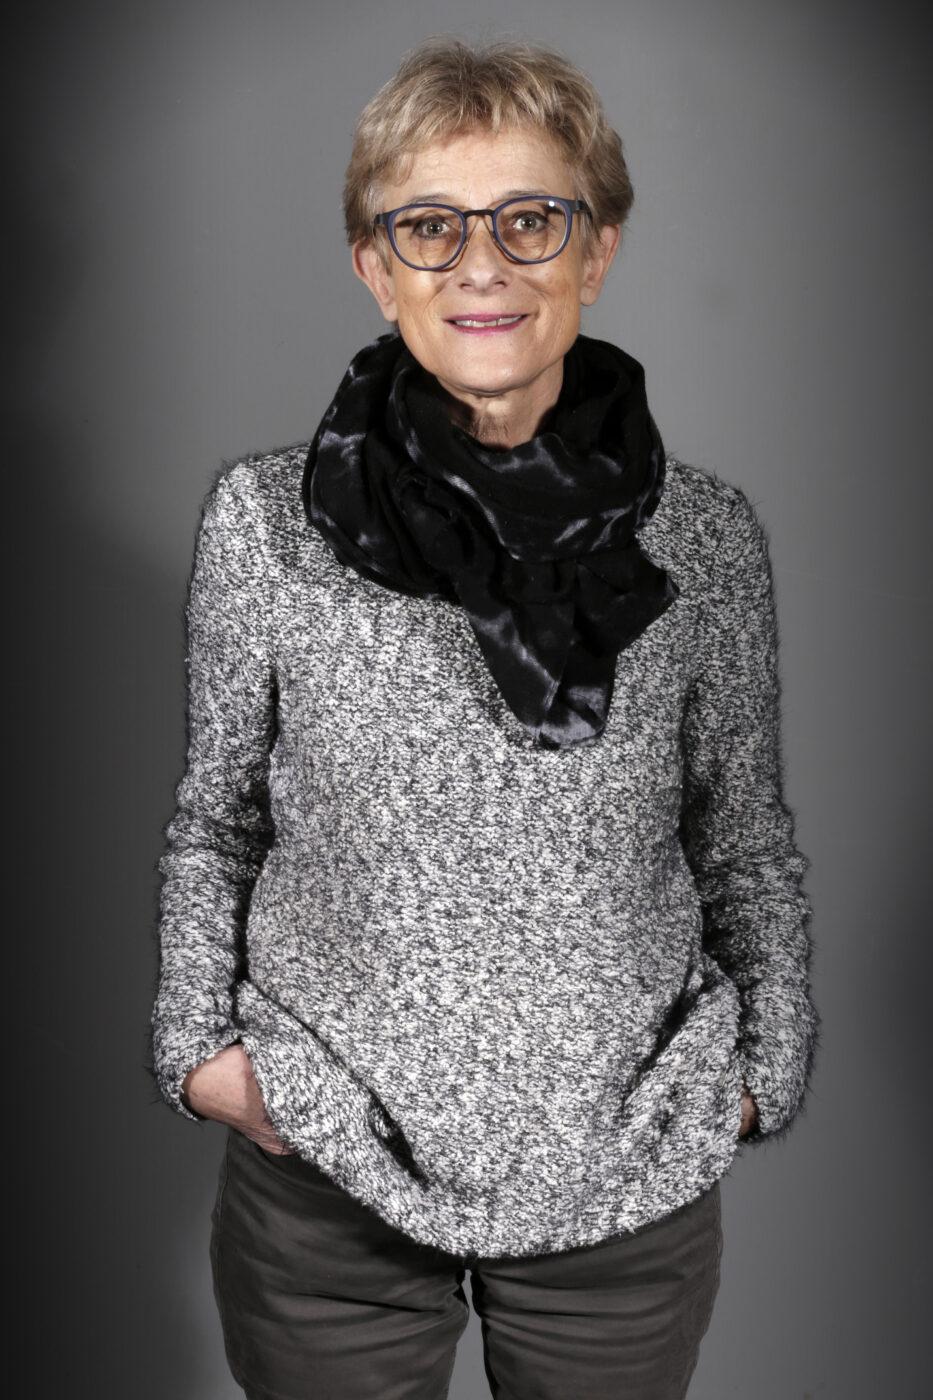 Barbara Tuffli